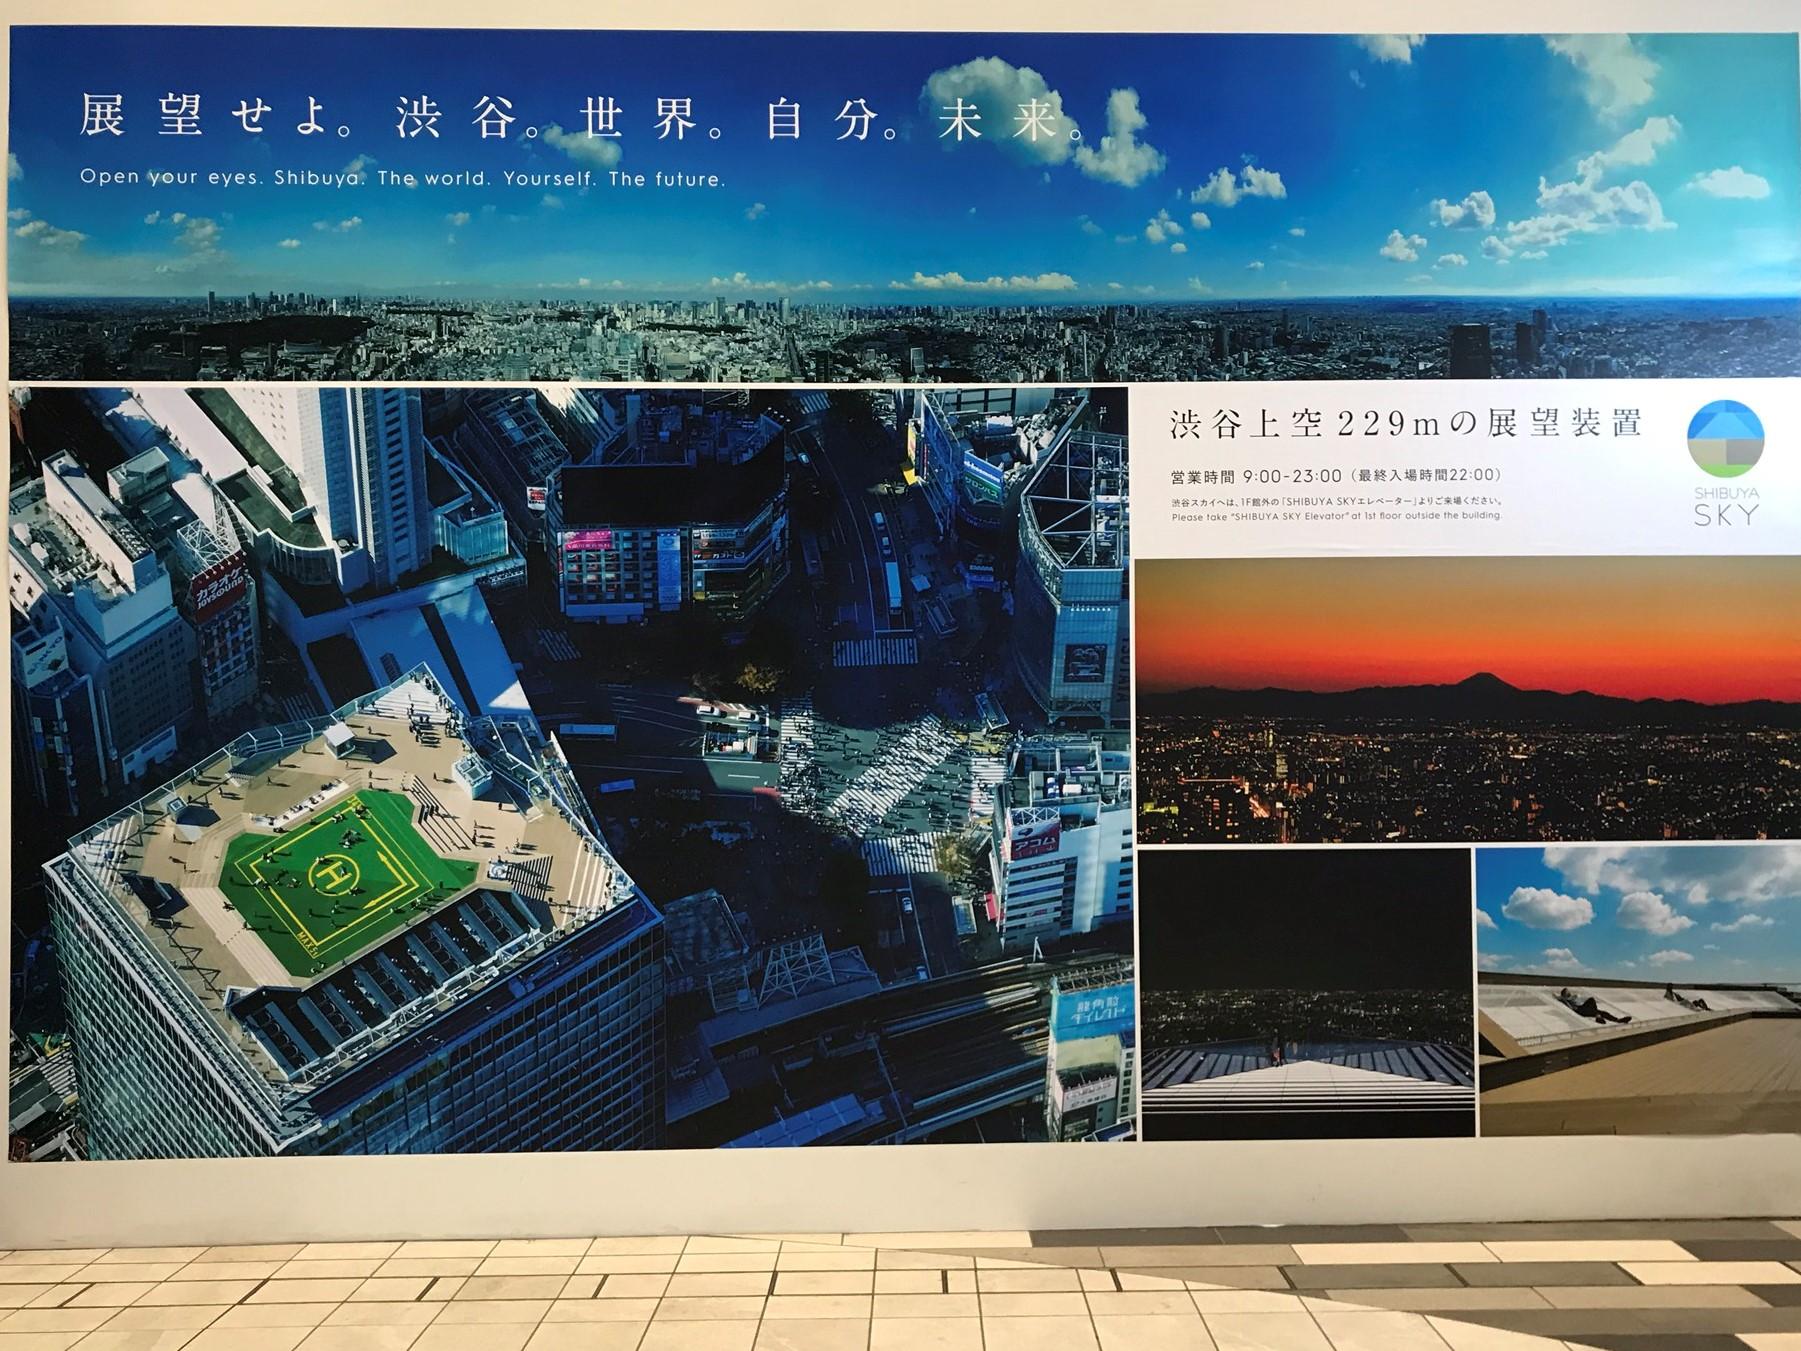 渋谷の新名所~渋谷スクランブルスクエア「SHIBUYA SKY」